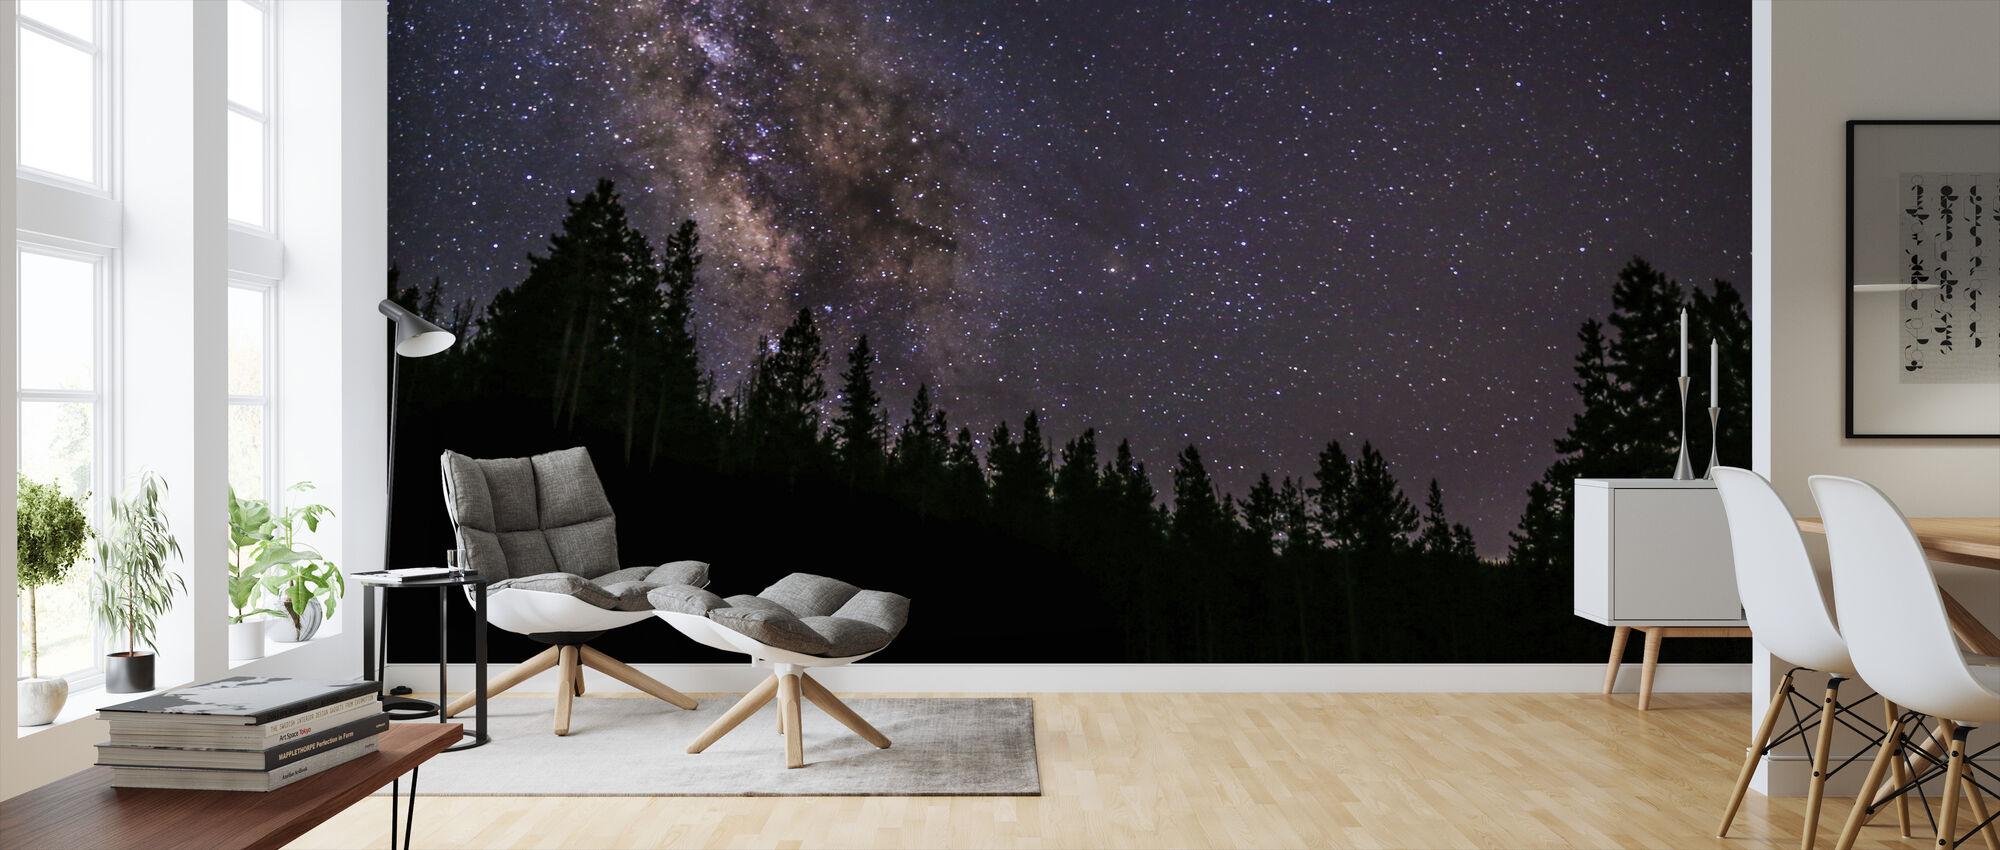 Milky Way - Wallpaper - Living Room